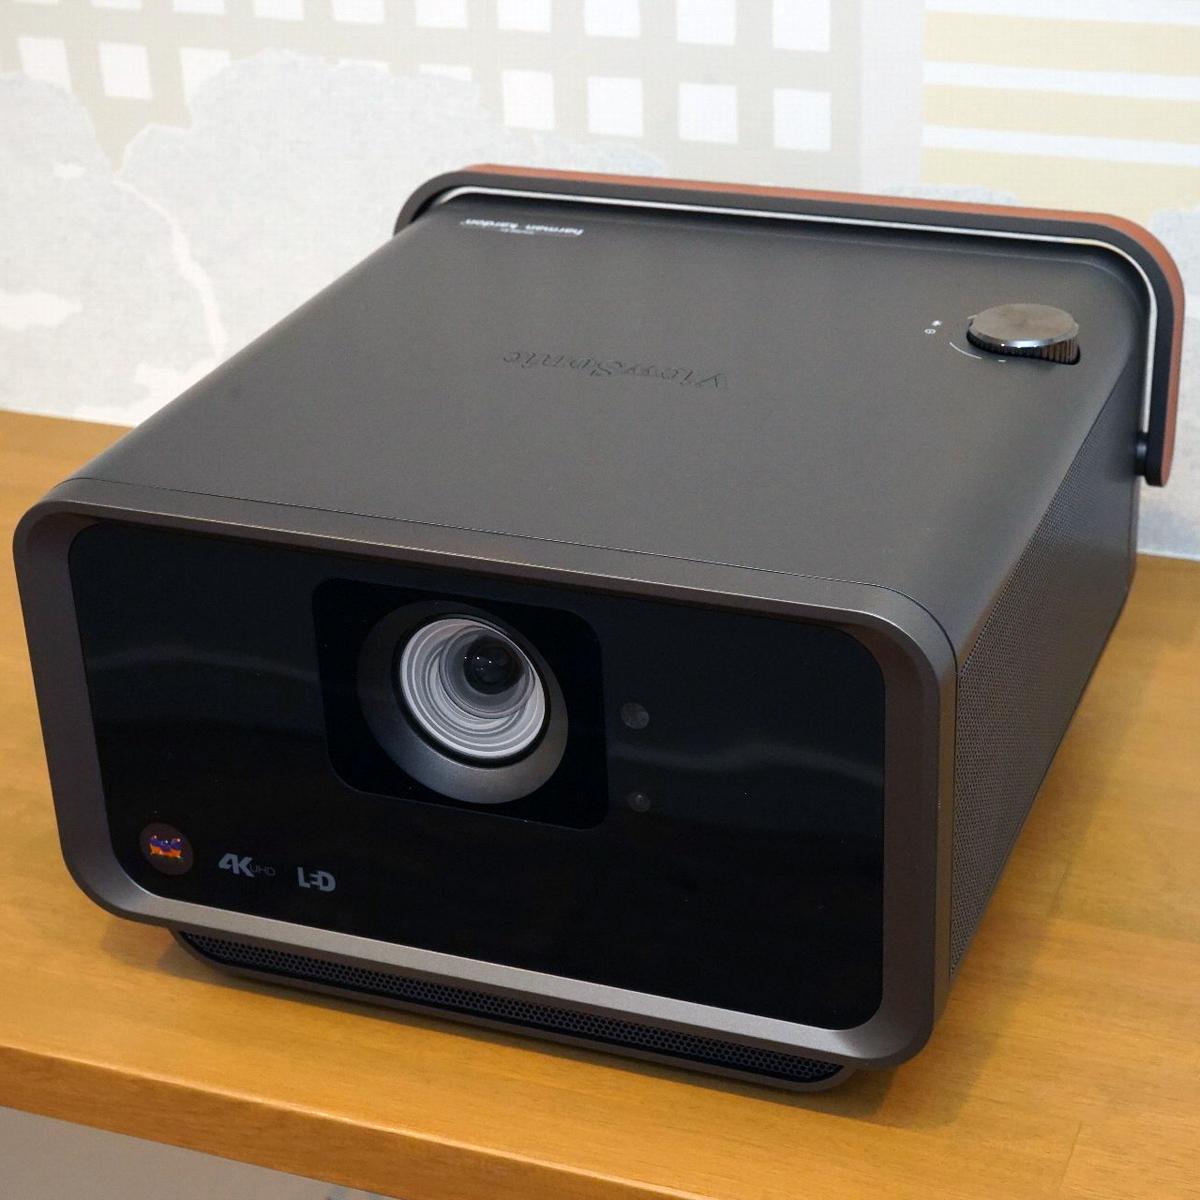 高画質+高音質が1台で揃うビューソニックの4Kプロジェクター「X10-4K」は結構スゴいかも!